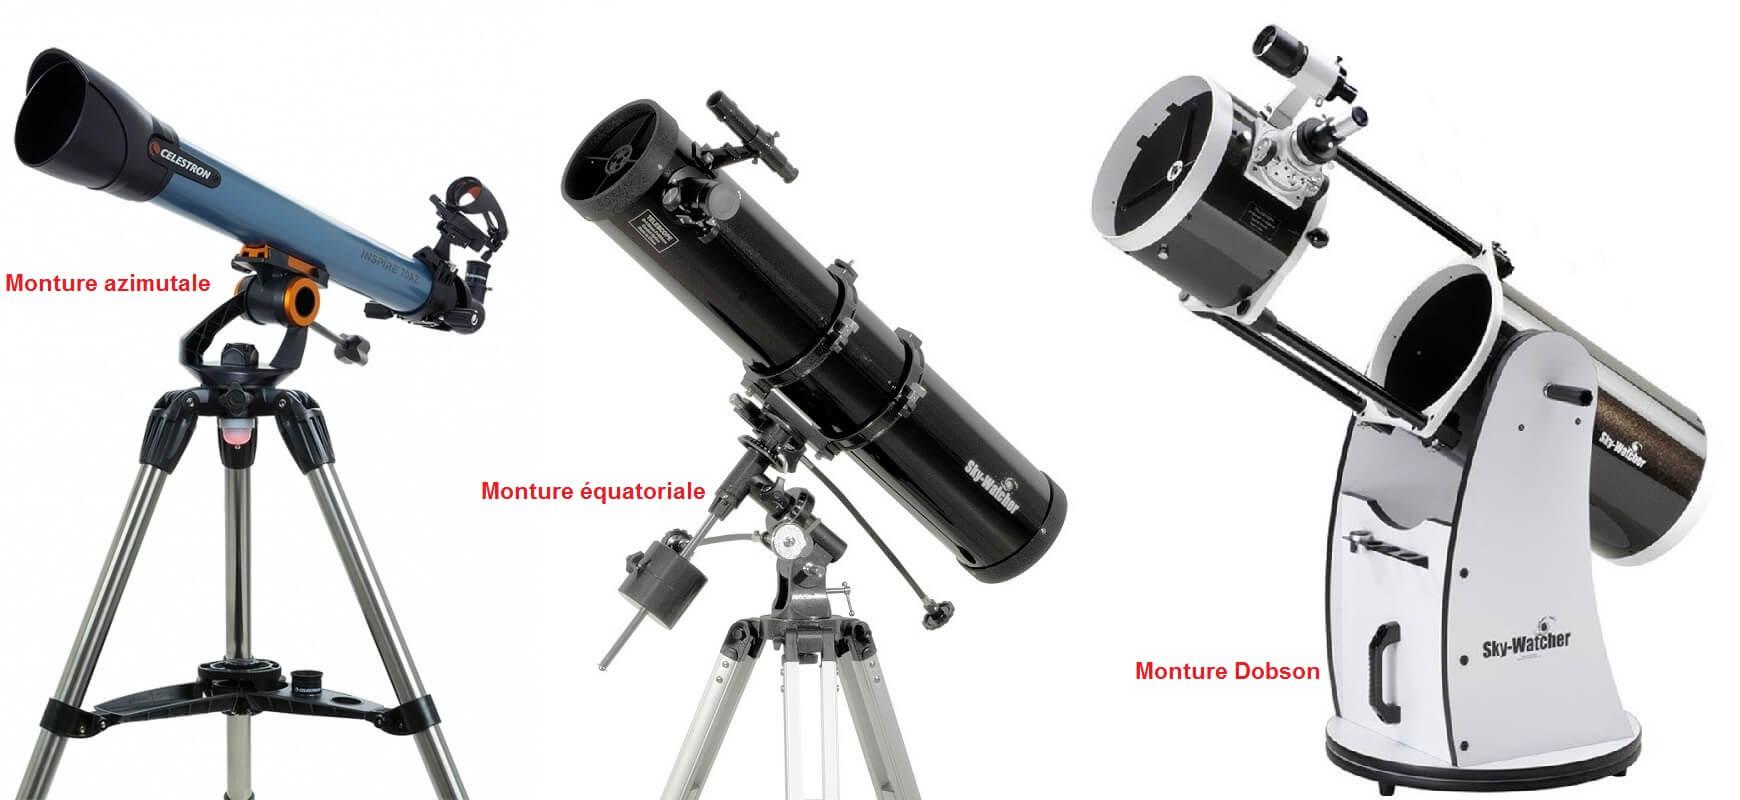 Monture télescope : azimutale, équatoriale et Dobson